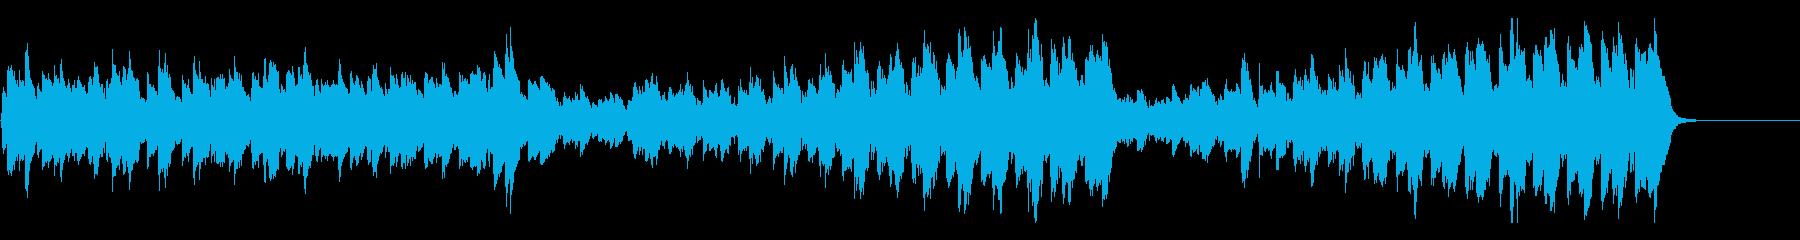 シューマン 気ままで快活なピアノ曲高音質の再生済みの波形